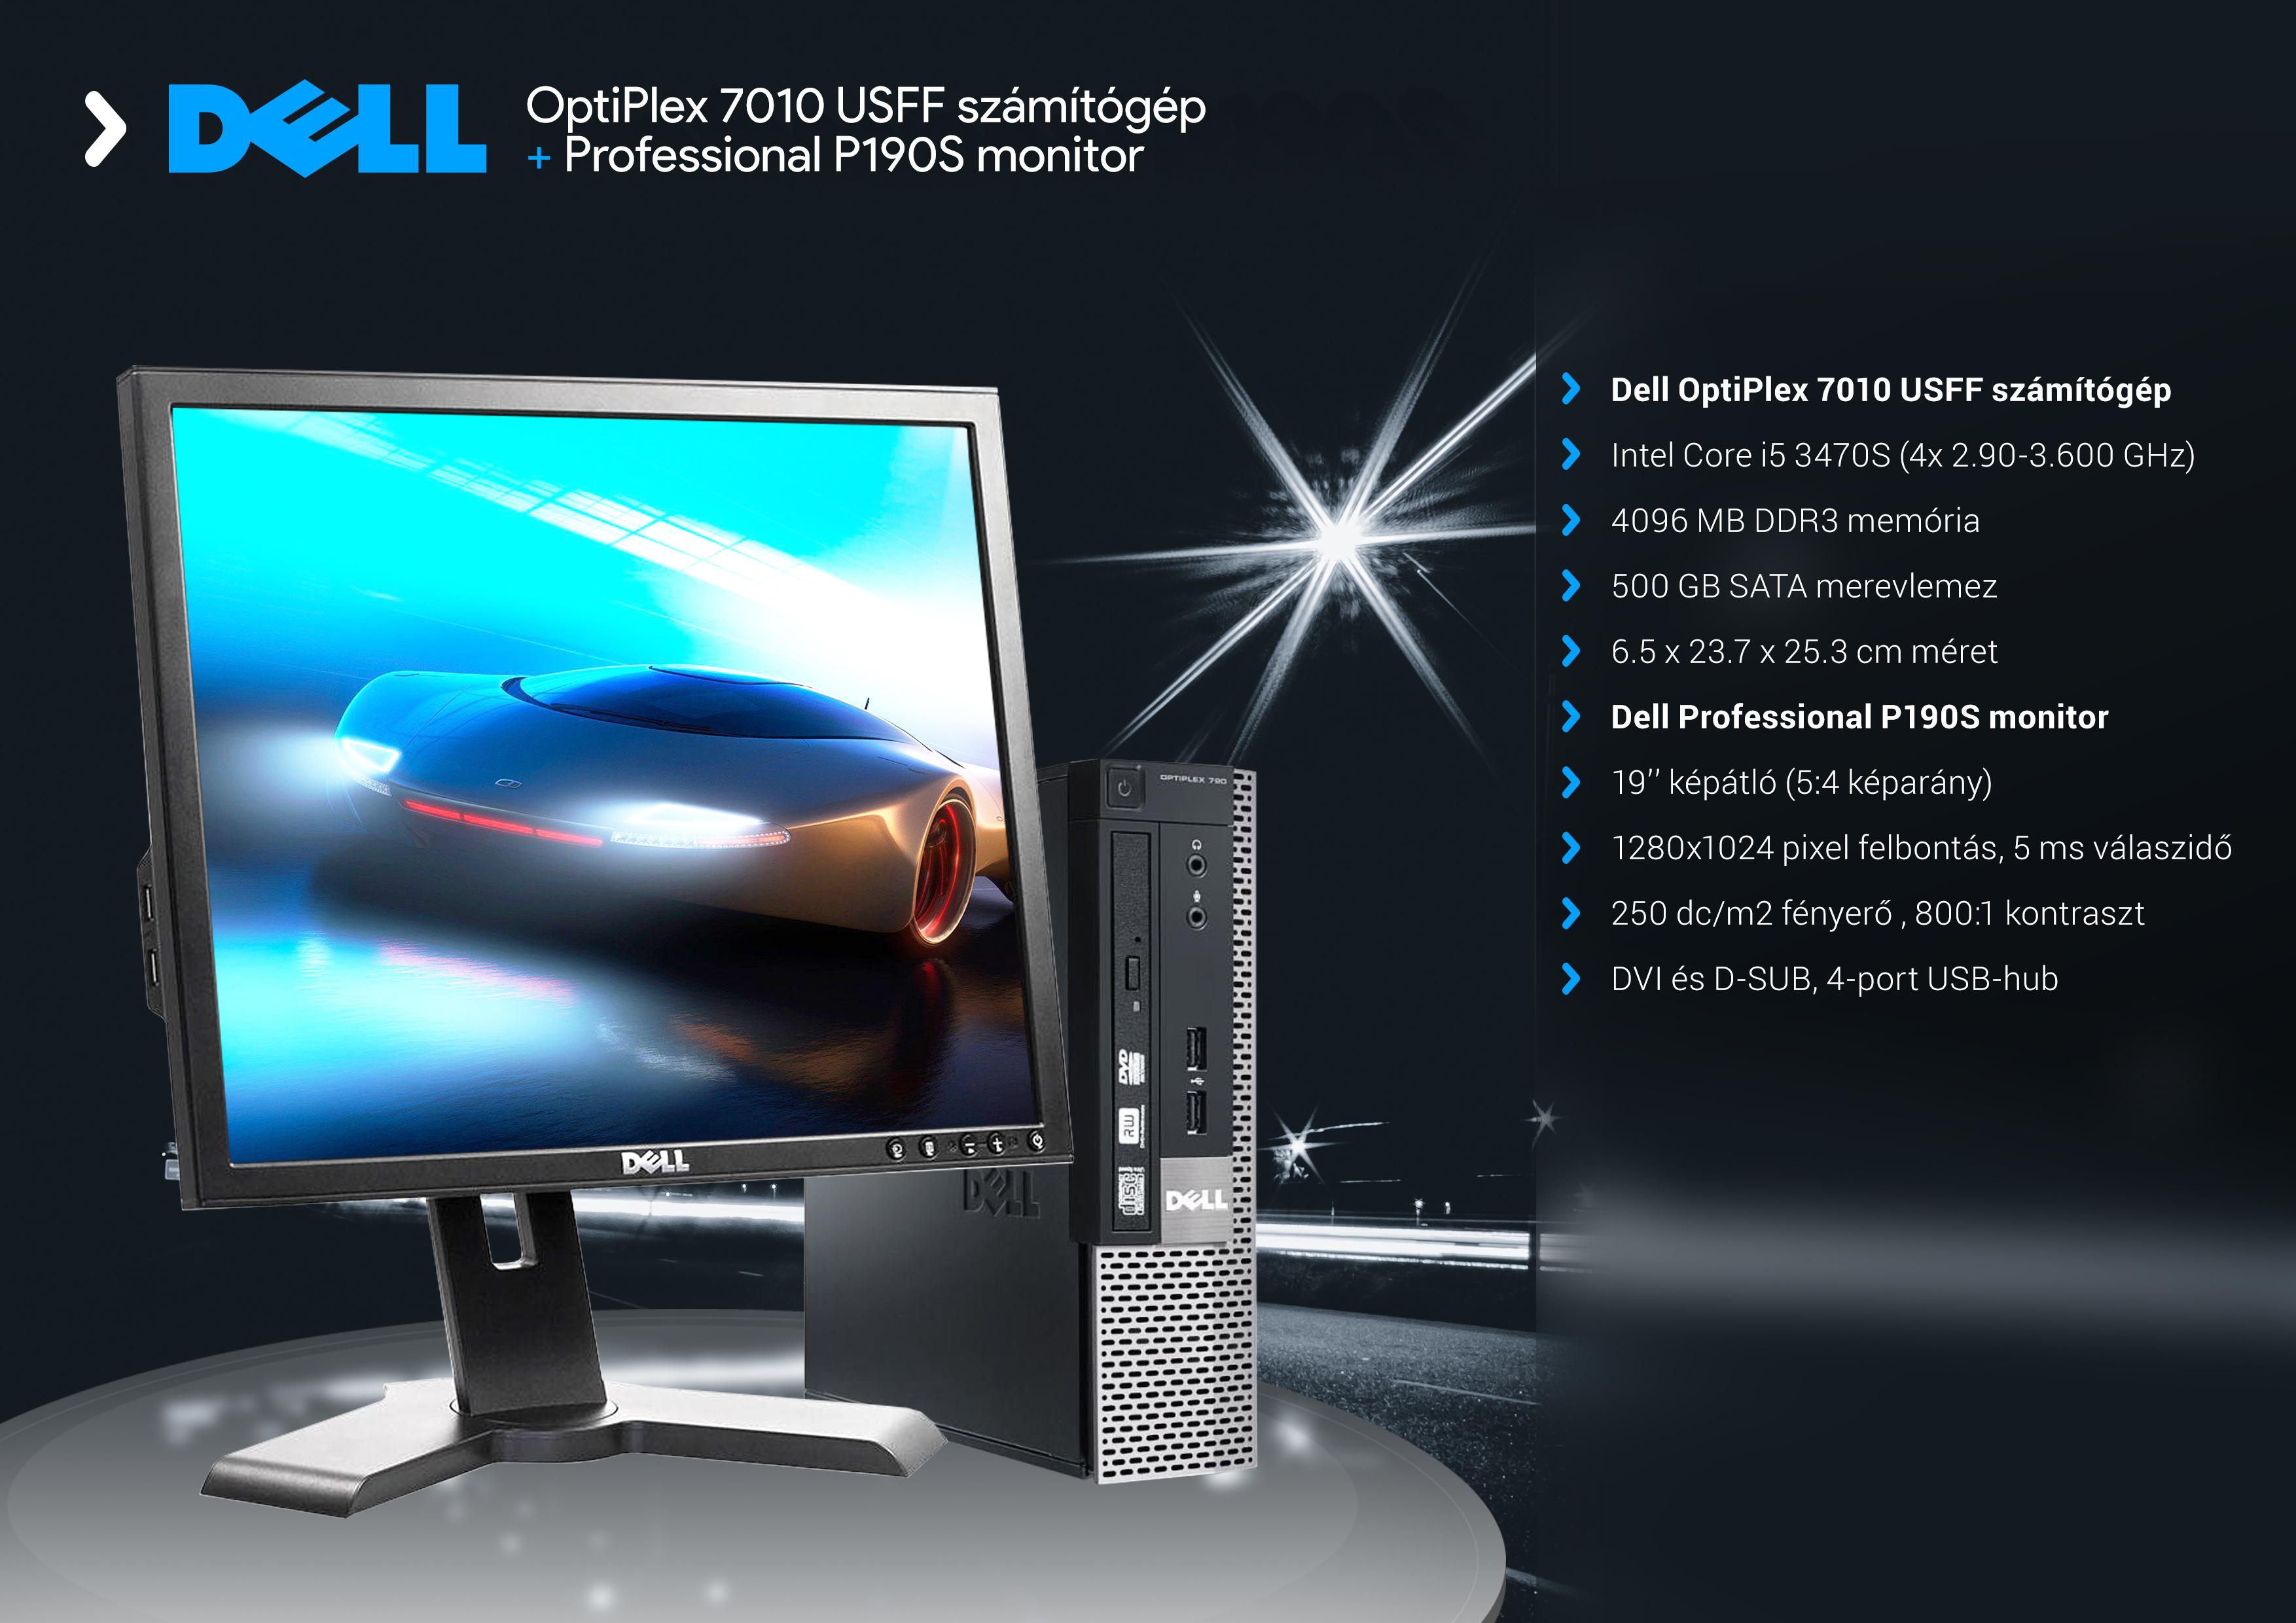 Dell OptiPlex 7010 USFF és Professional P190Sb :: PC Aréna Kft